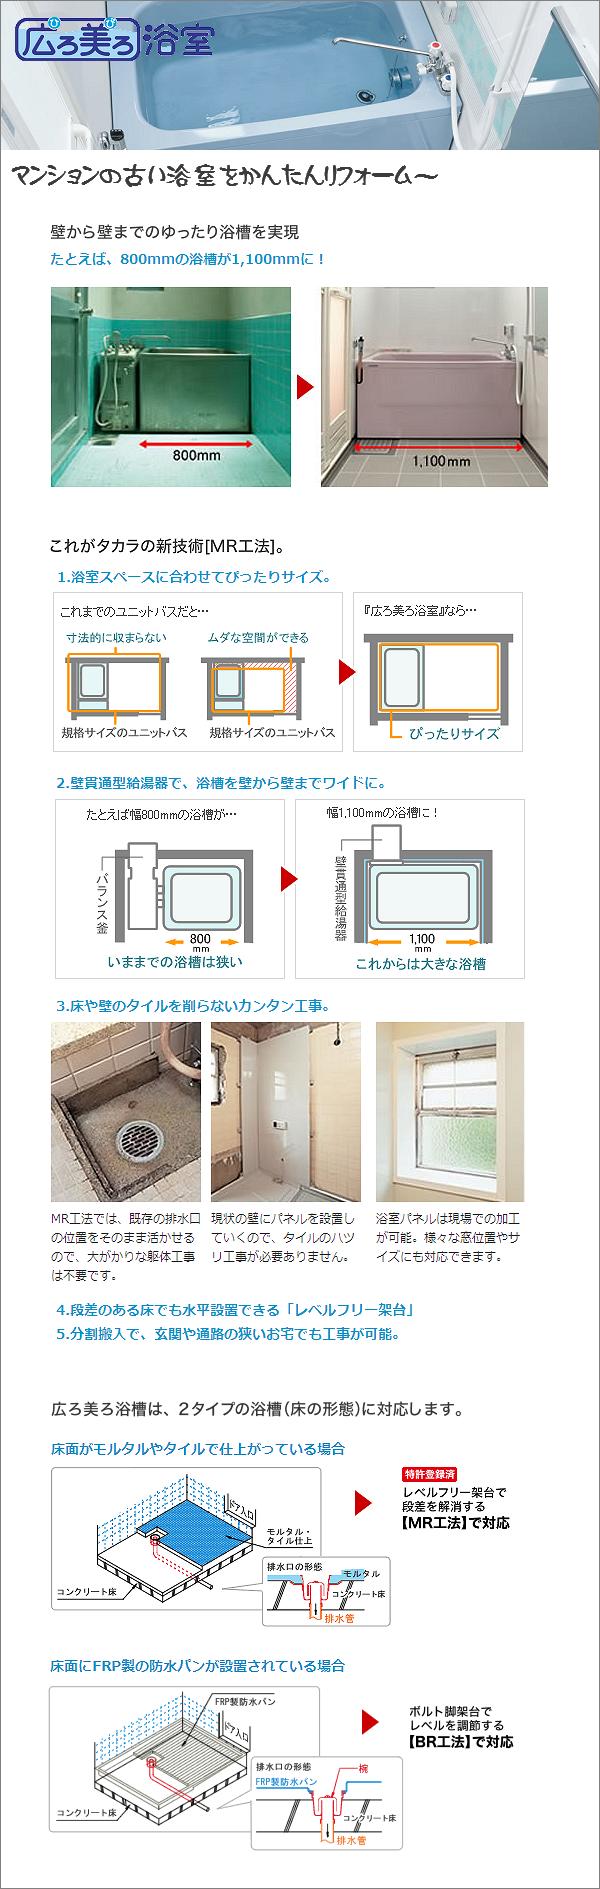 タカラスタンダード/広ろ美ろ(ひろびろ)浴室 商品情報